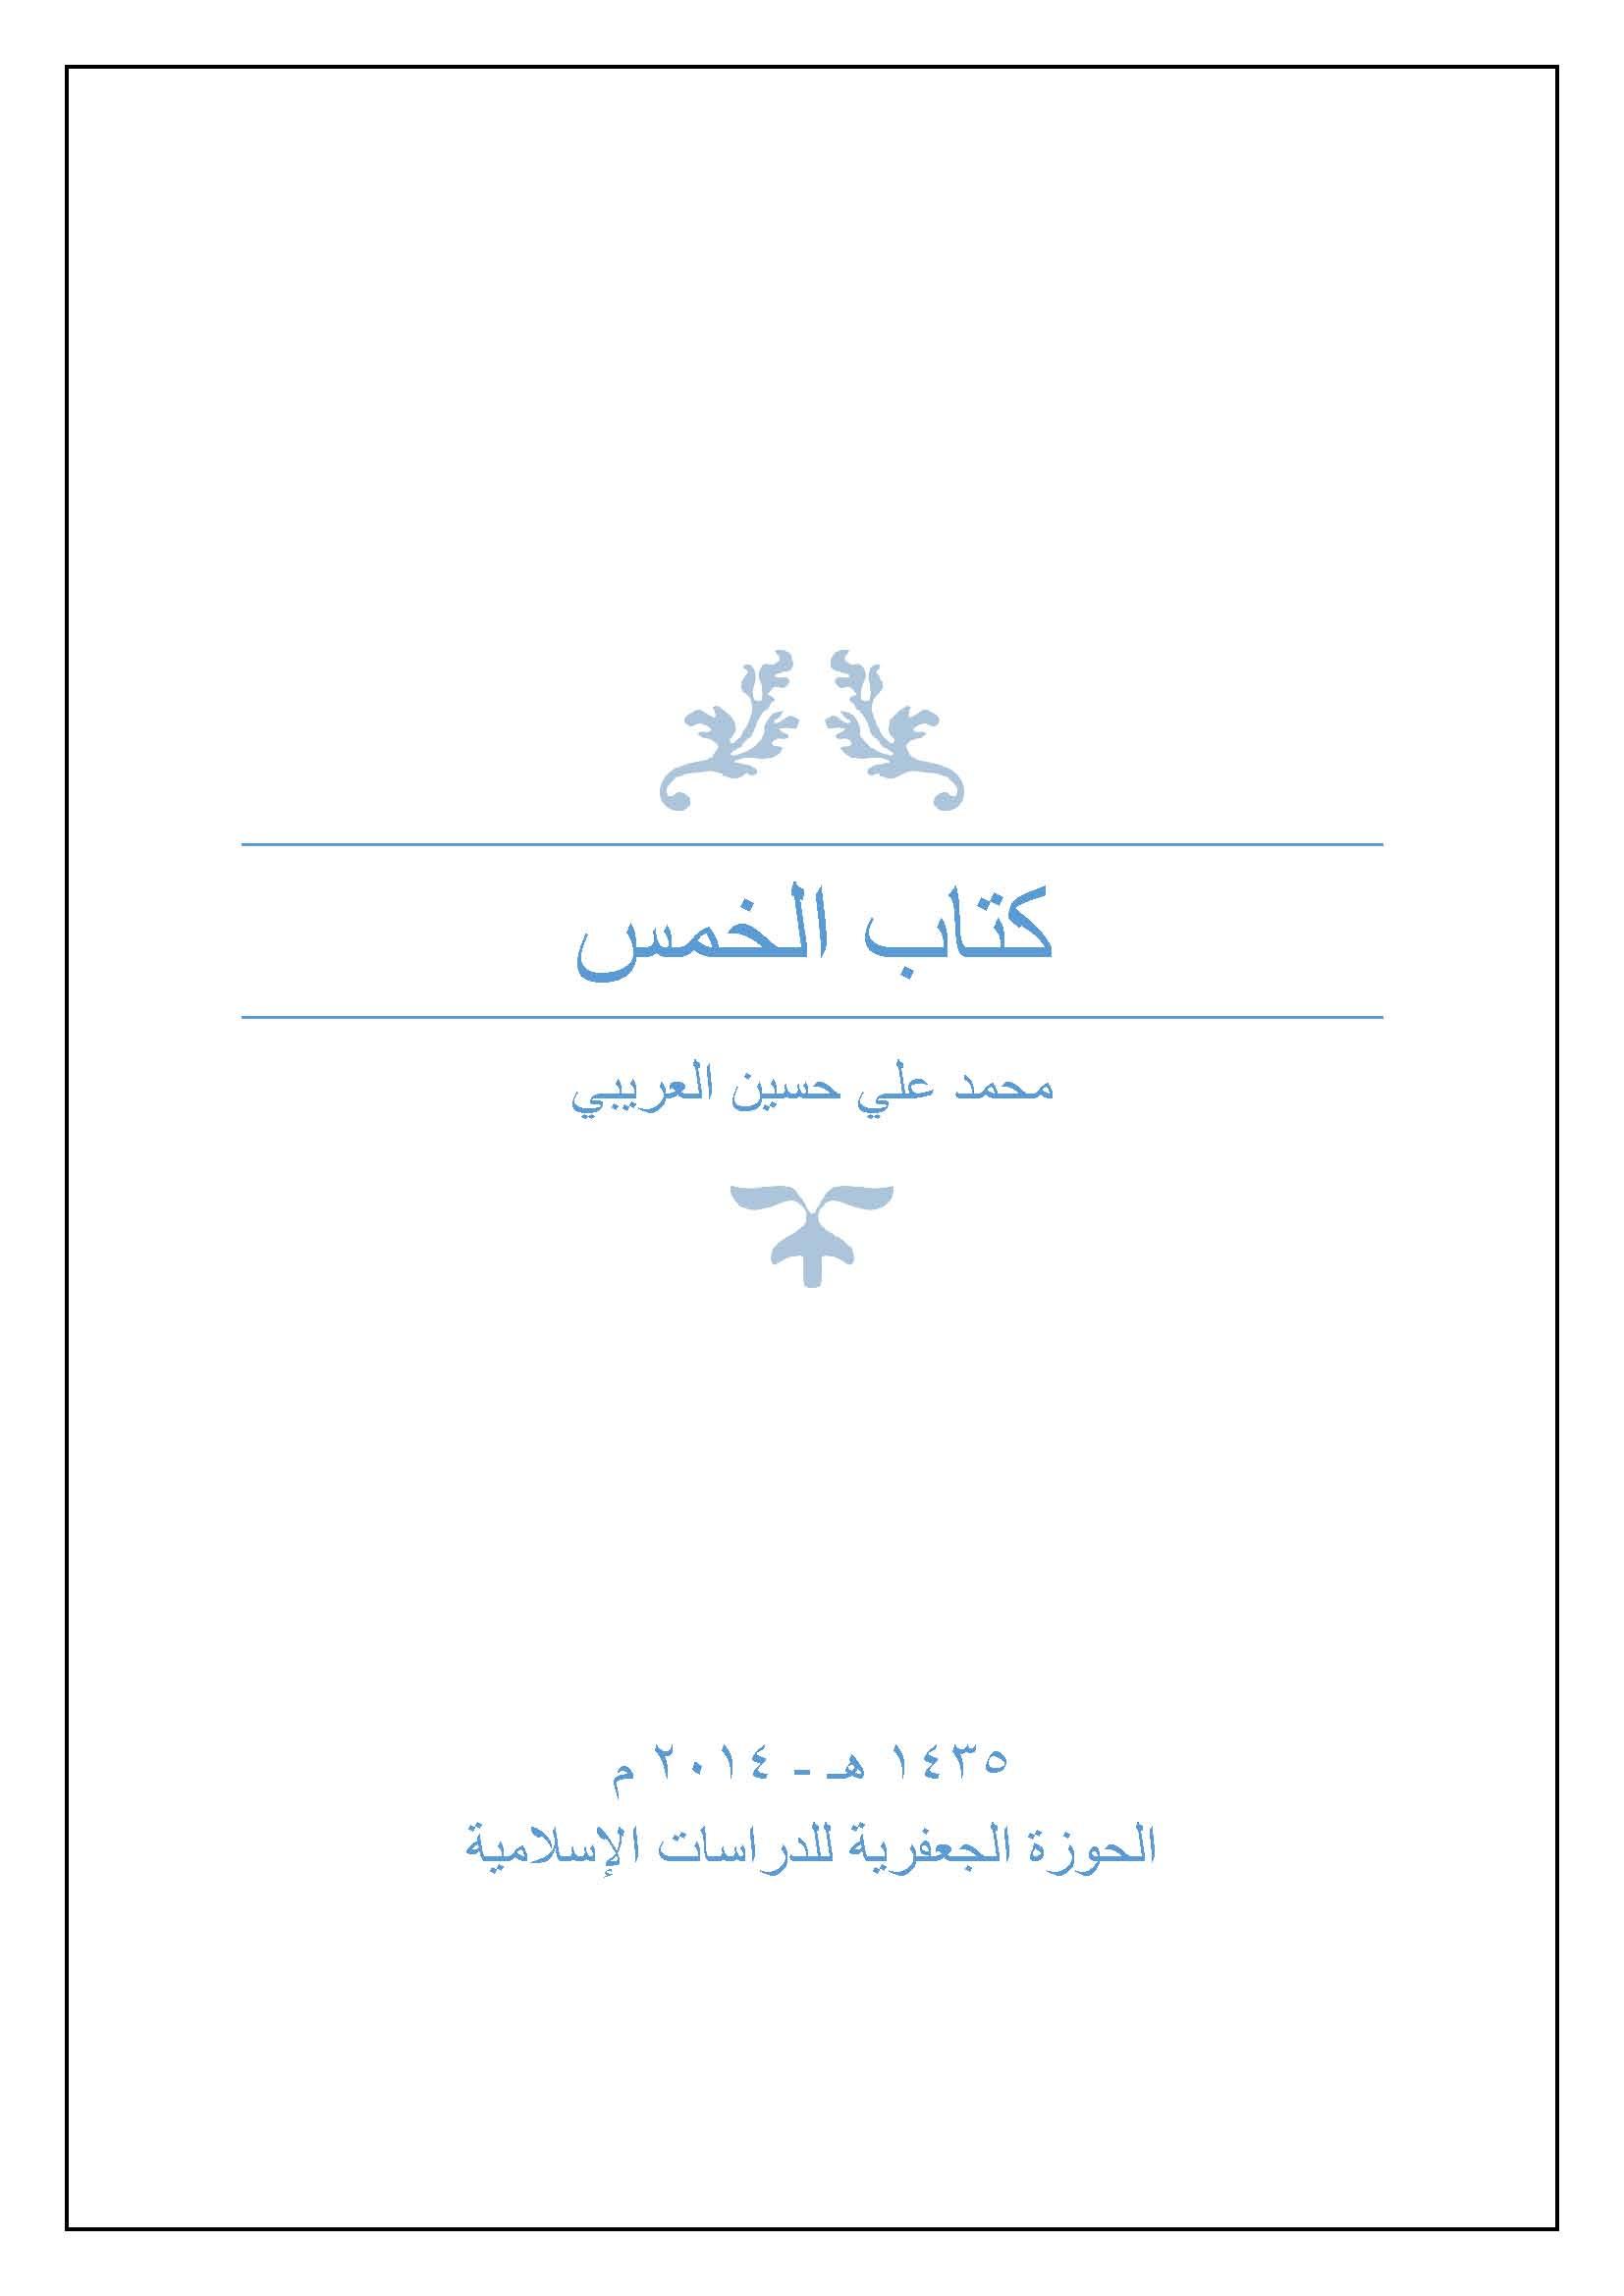 كتاب الخمس-العريبي-1435-2014